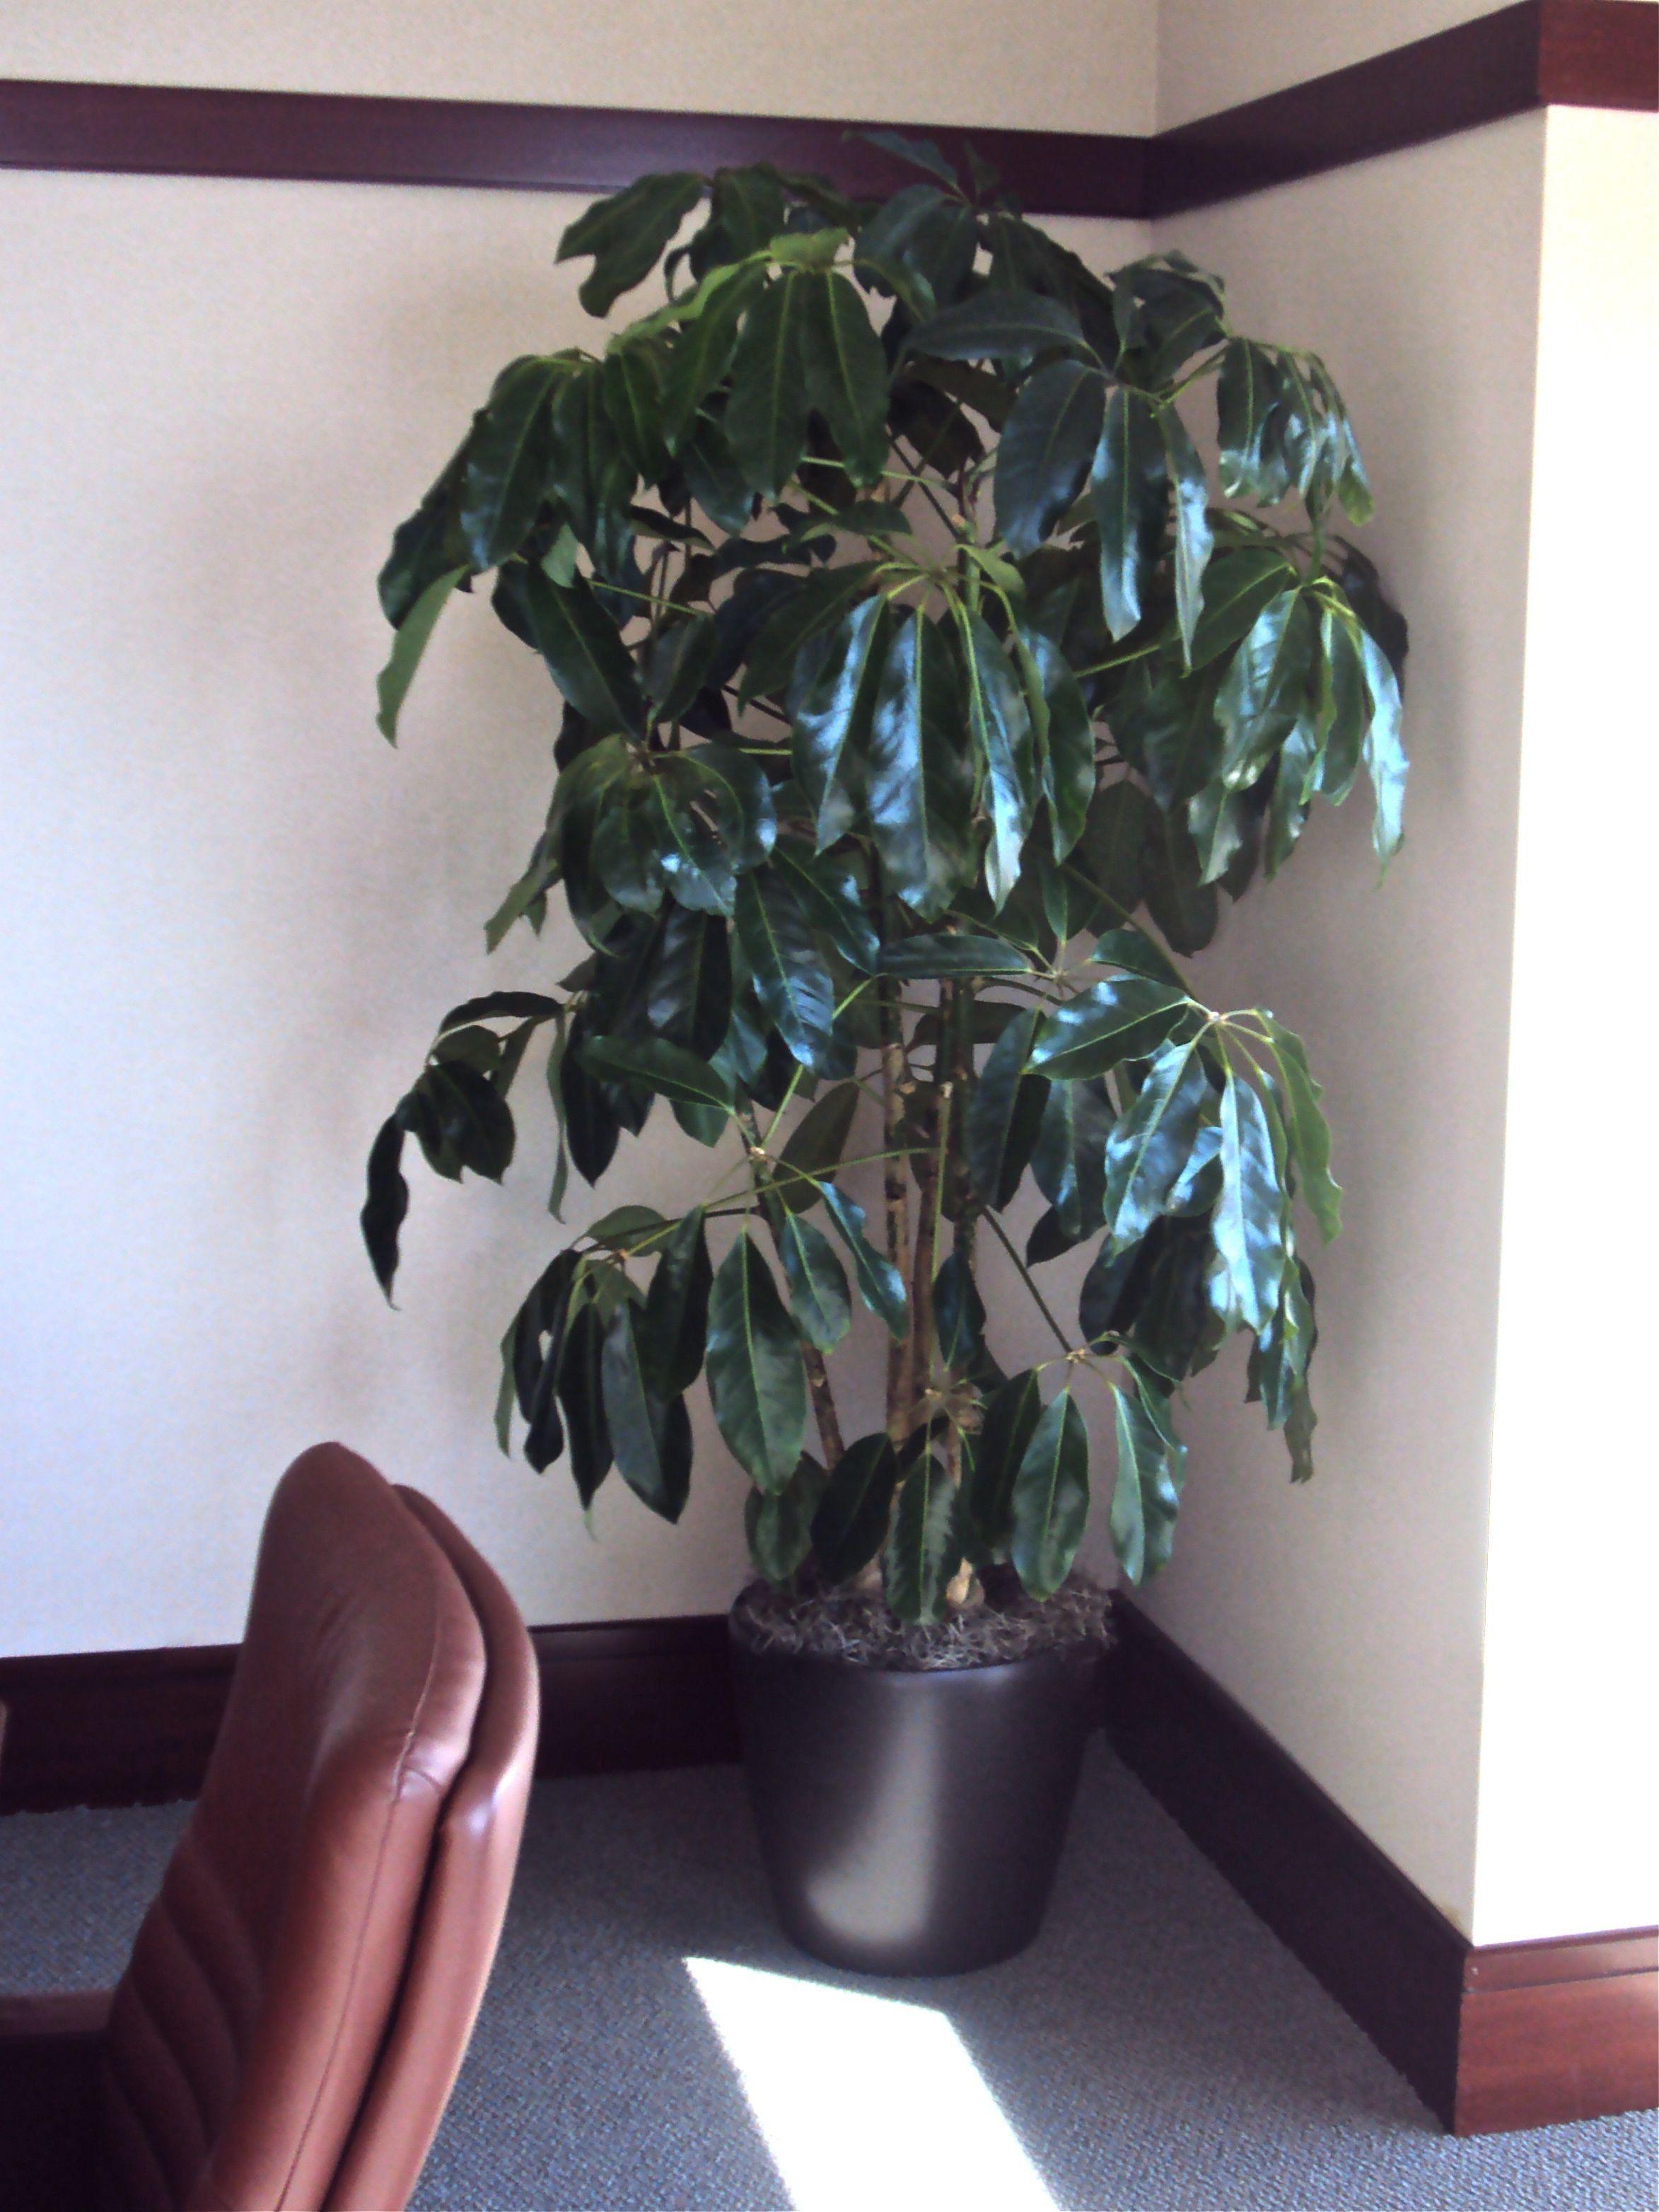 Houston S Online Indoor Plant Pot Schefflera Amate Or Umbrella Tree